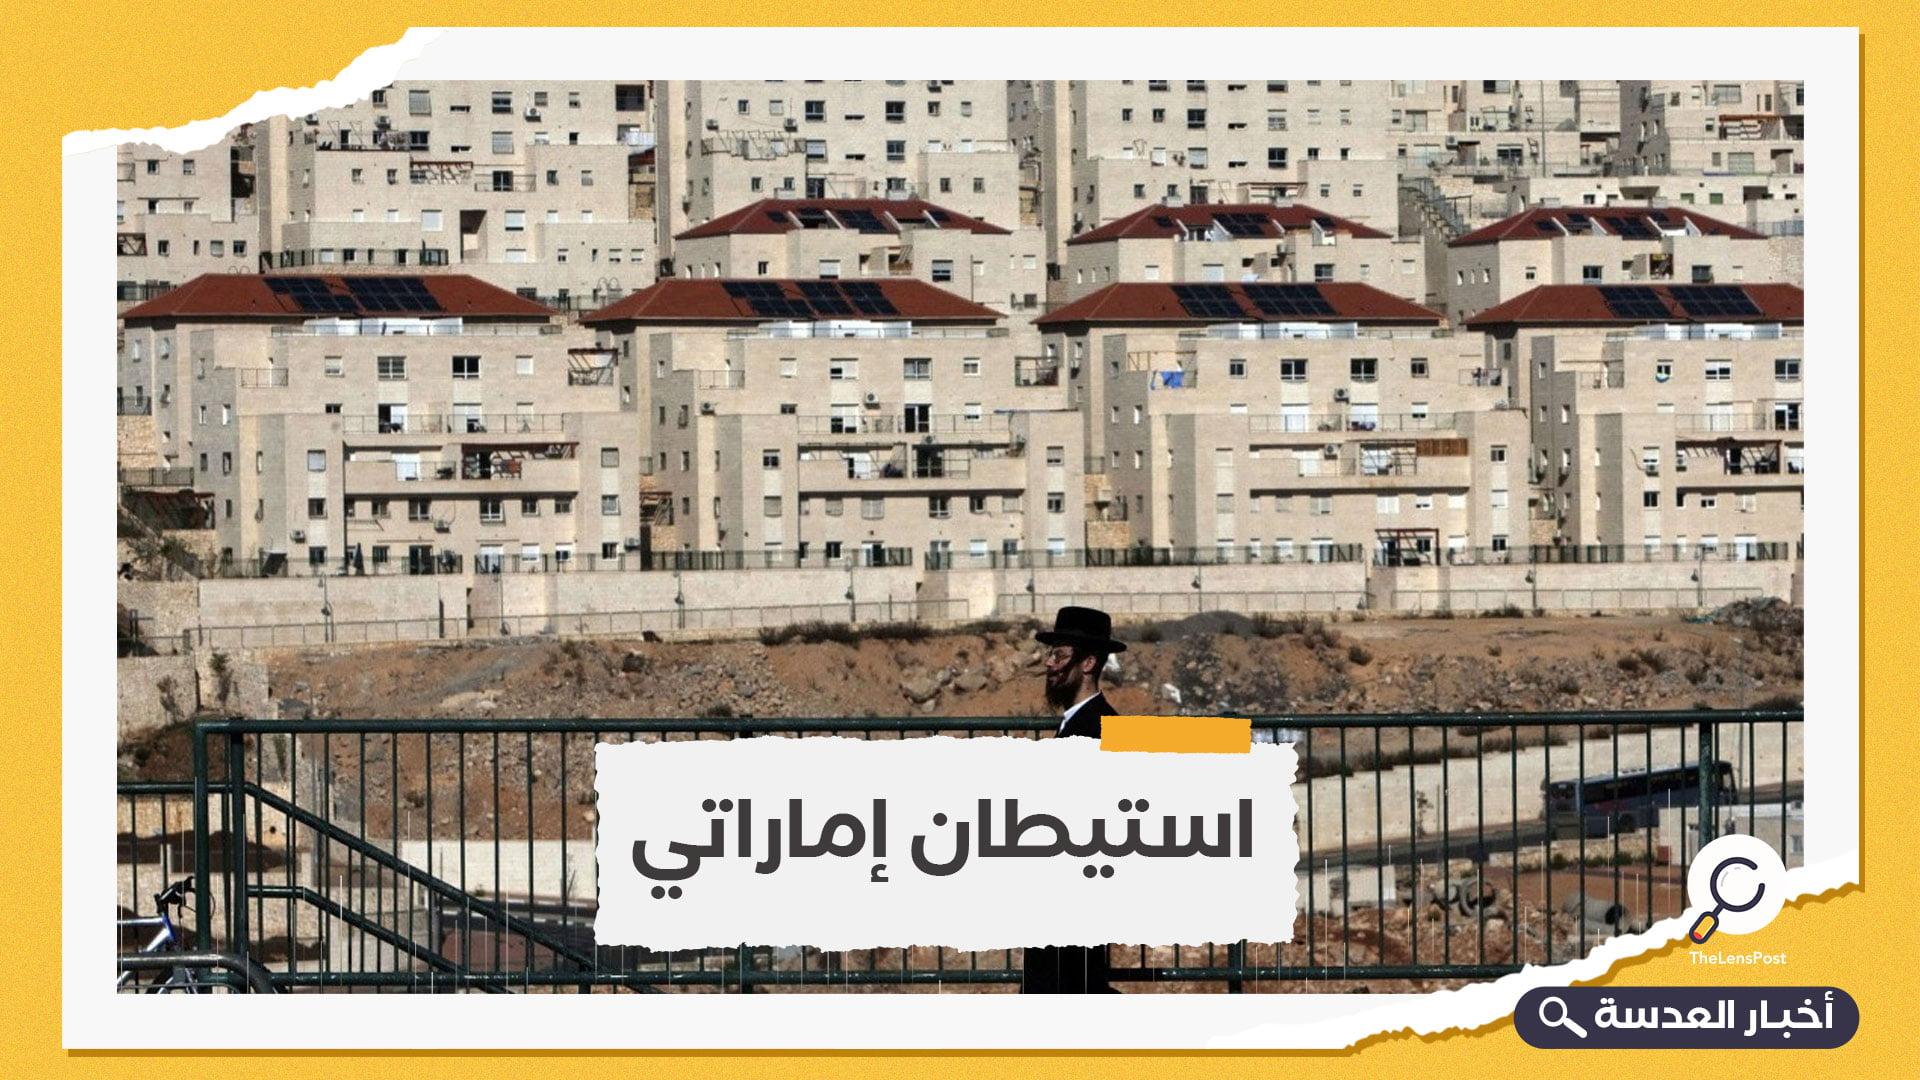 الإمارات تواصل طعن الفلسطينيين بتمويل مشروع استيطاني ضخم لتهويد القدس